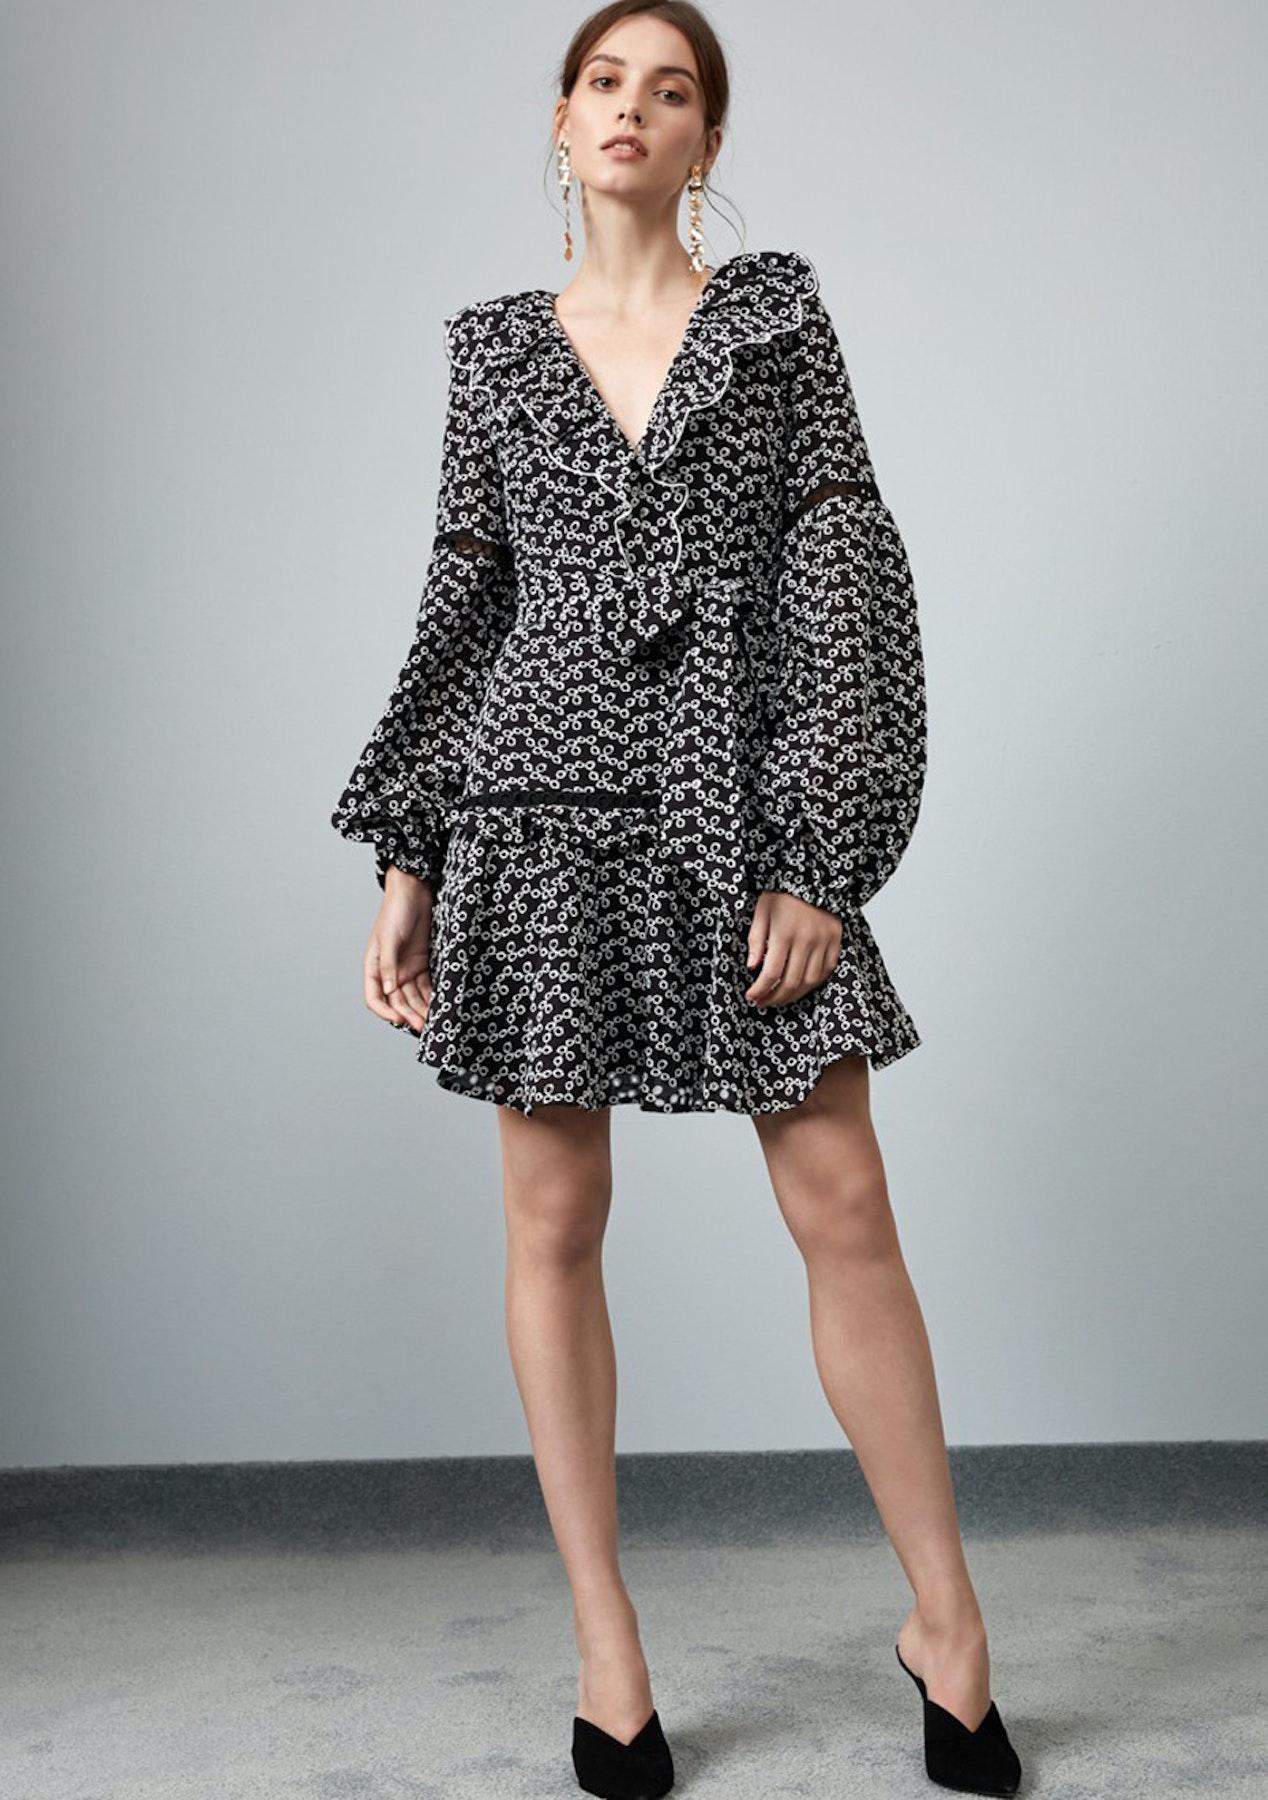 fd3f4a9942771 KEEPSAKE - Blossom Ls Mini Dress - Black W Ivory - Designer Price Drop -  Onceit